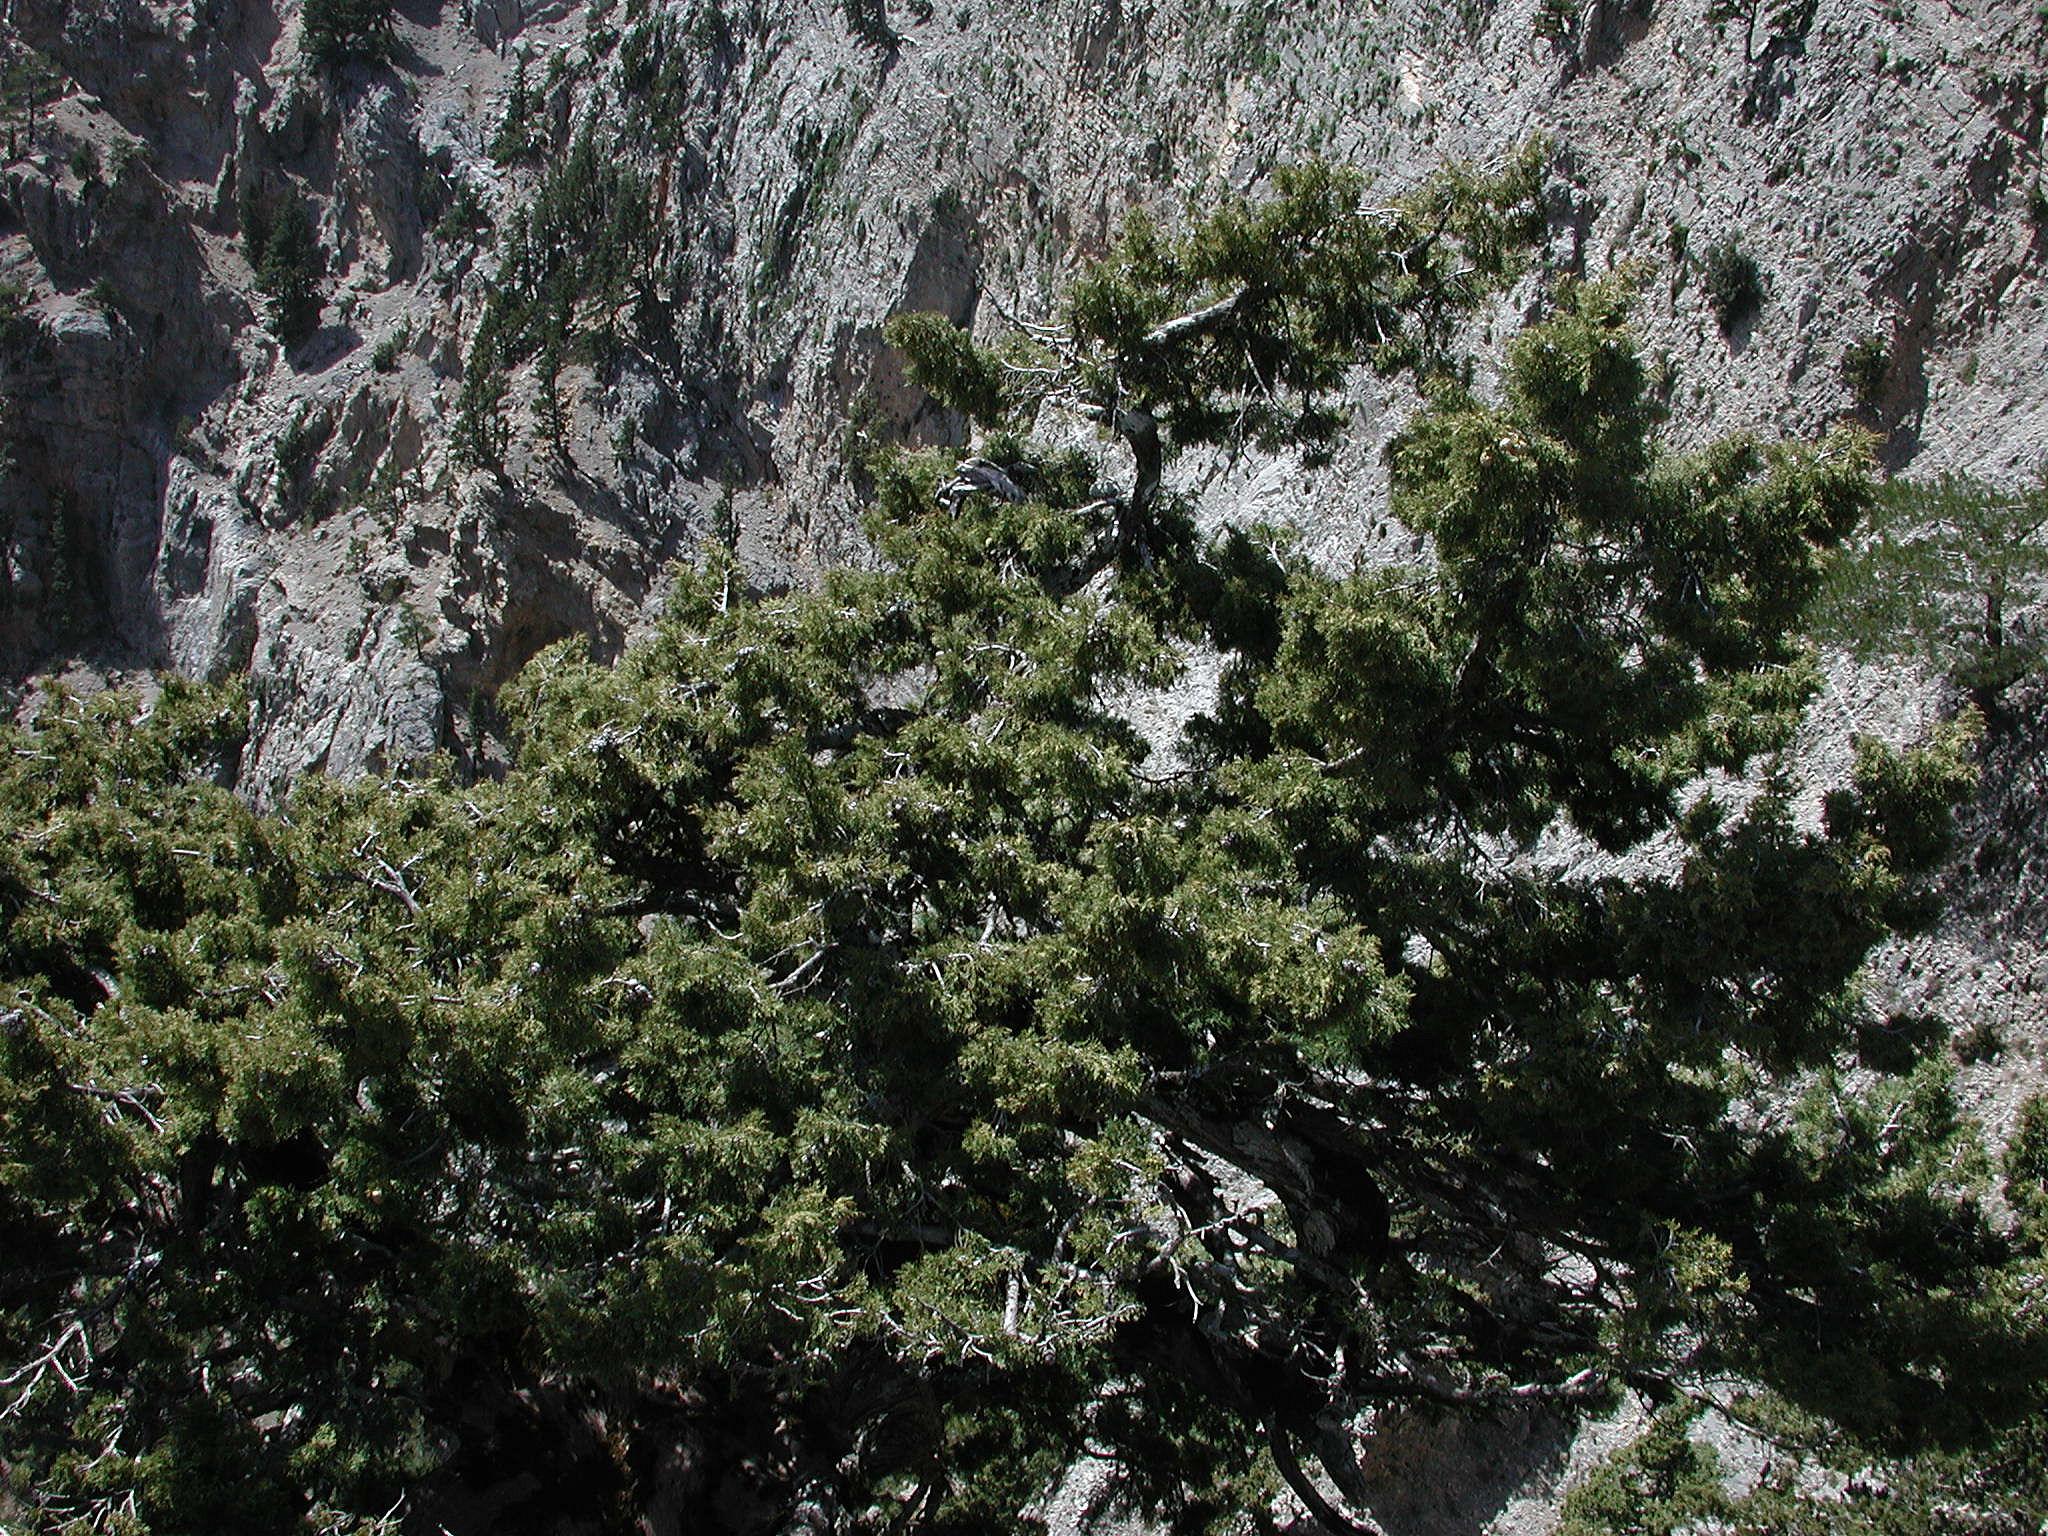 Cupressus sempervirens ssp. horisontalis